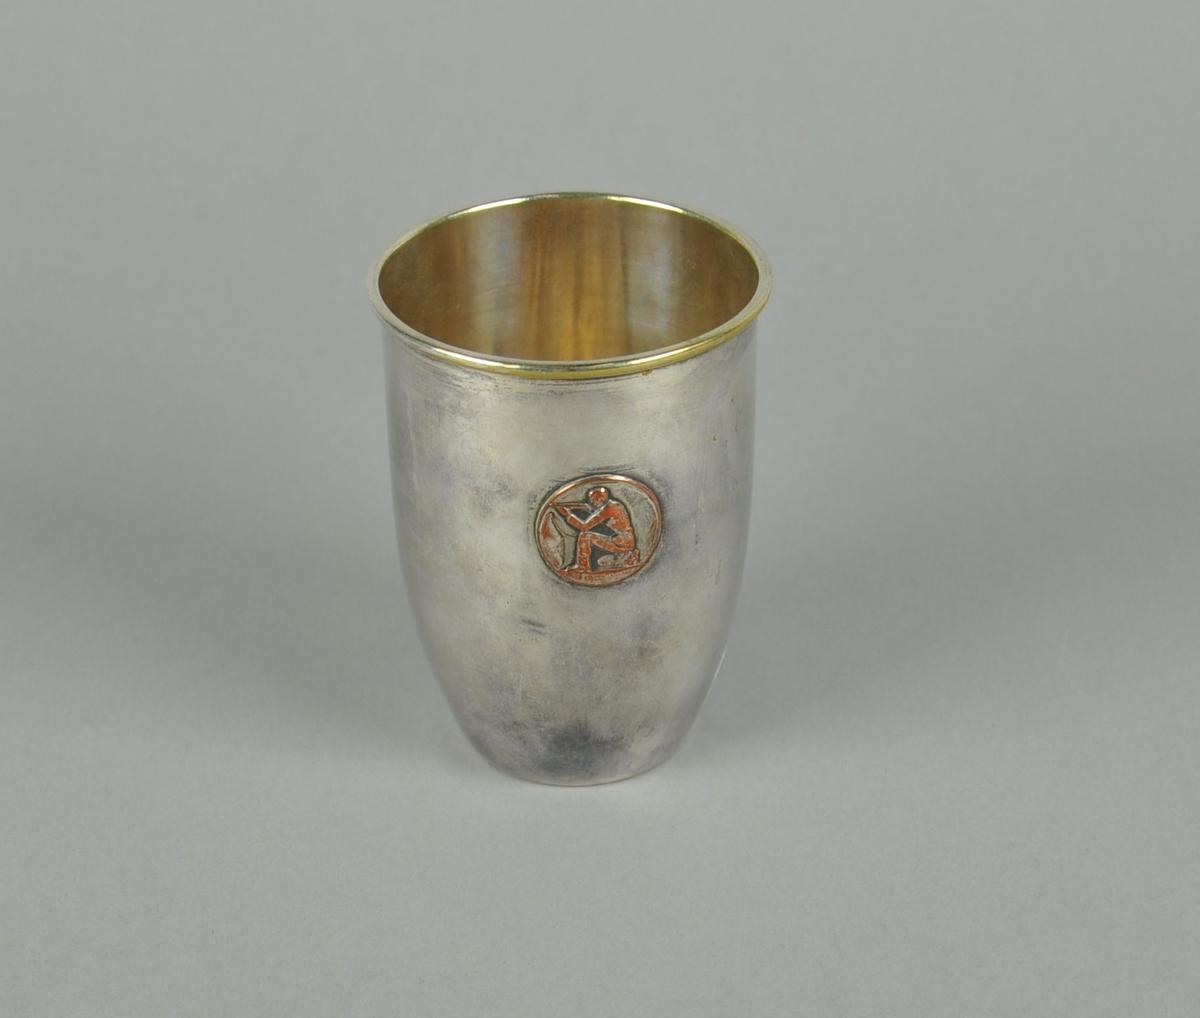 Pokal av metall, muligens sølvplett. Sylindrisk form med innsnevring mot bunnen. Det er et emblem av sittende mann med gevær på pokalen.